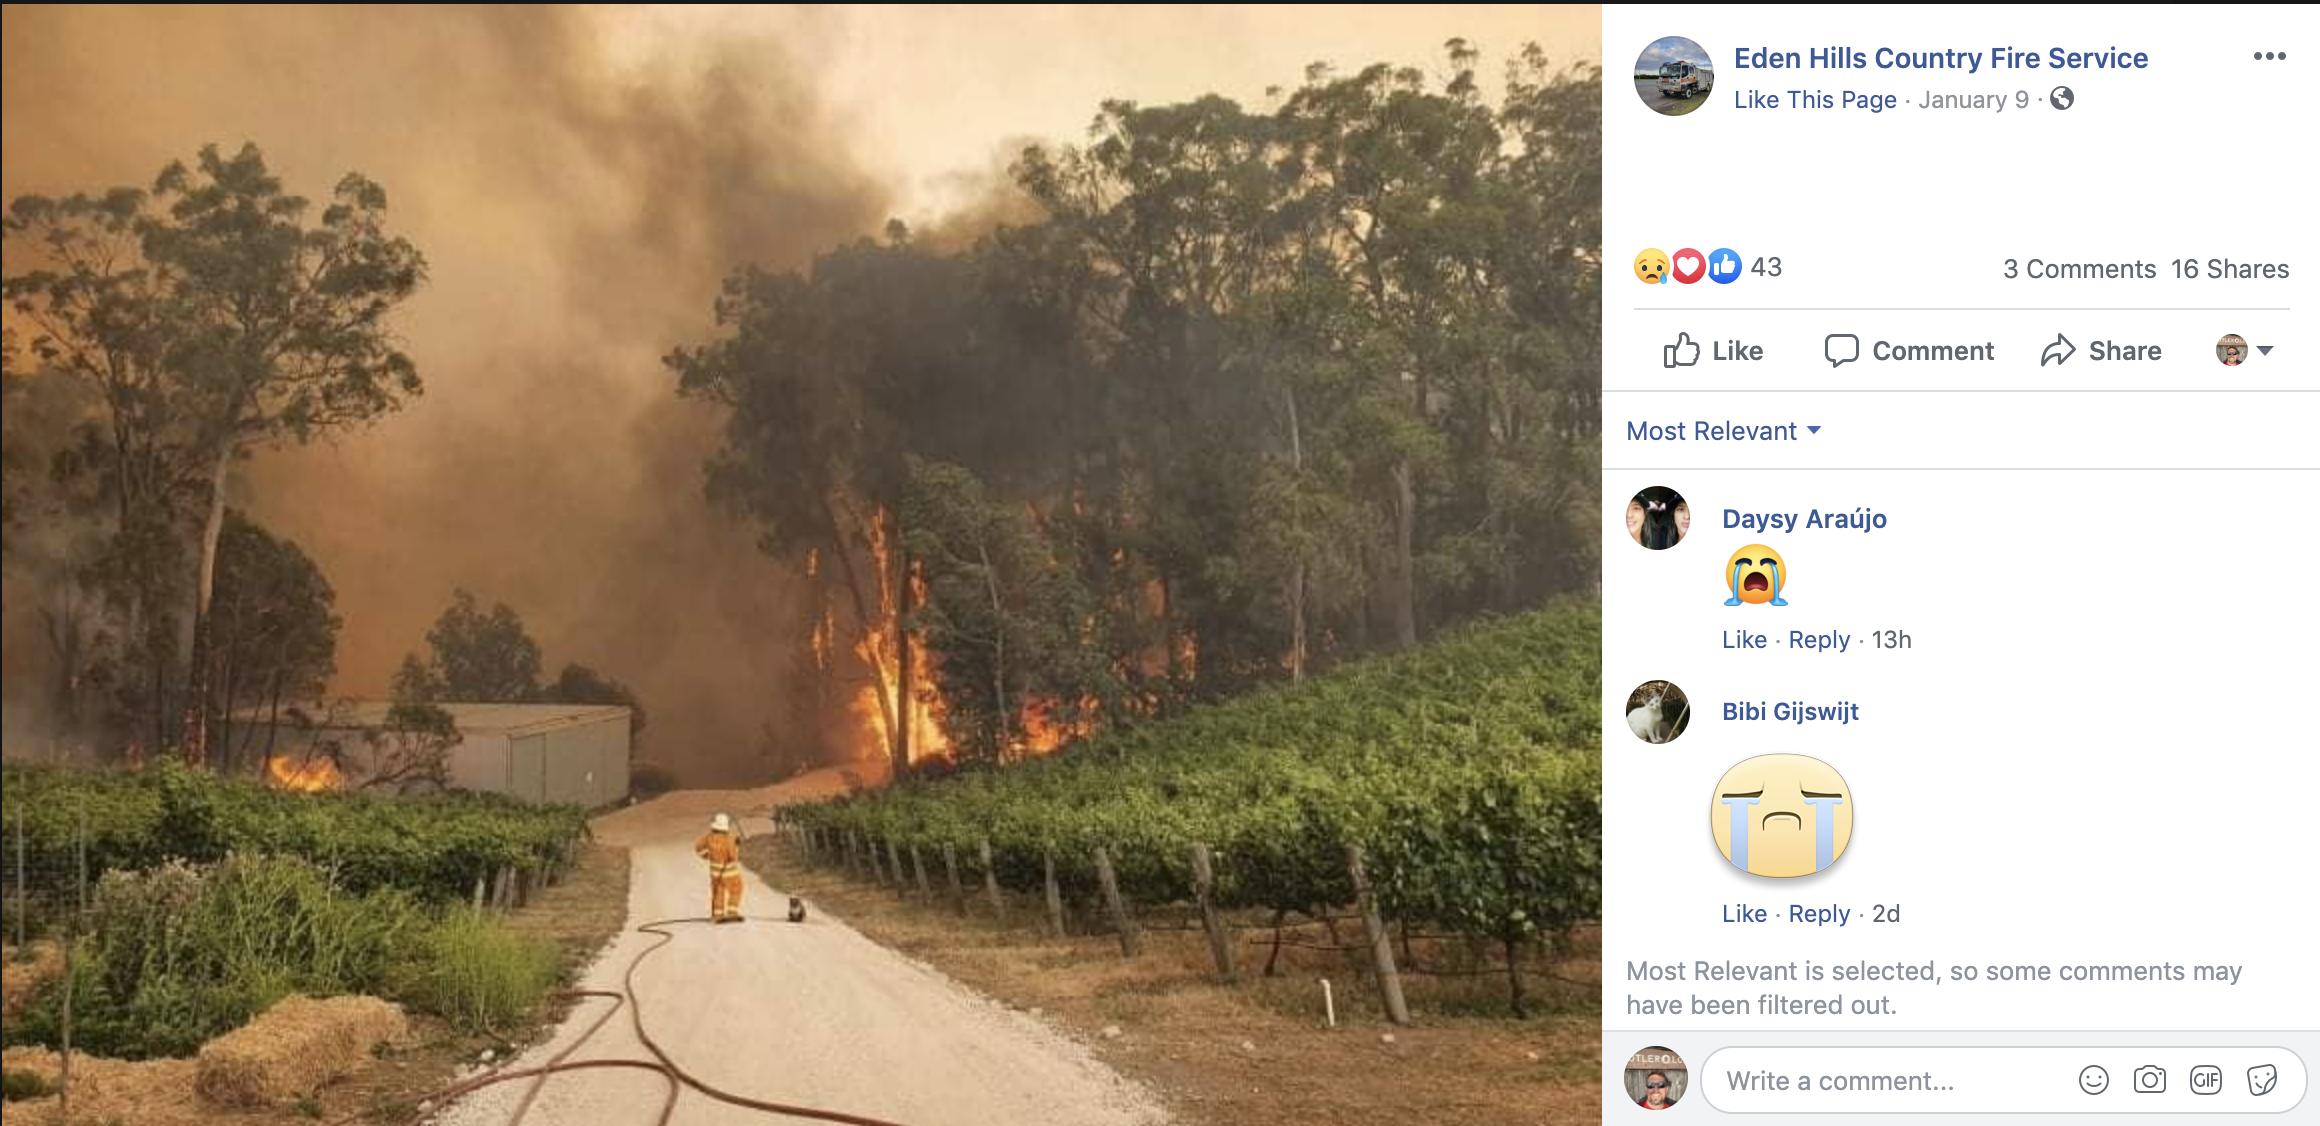 Firefighter and Koala in Australia